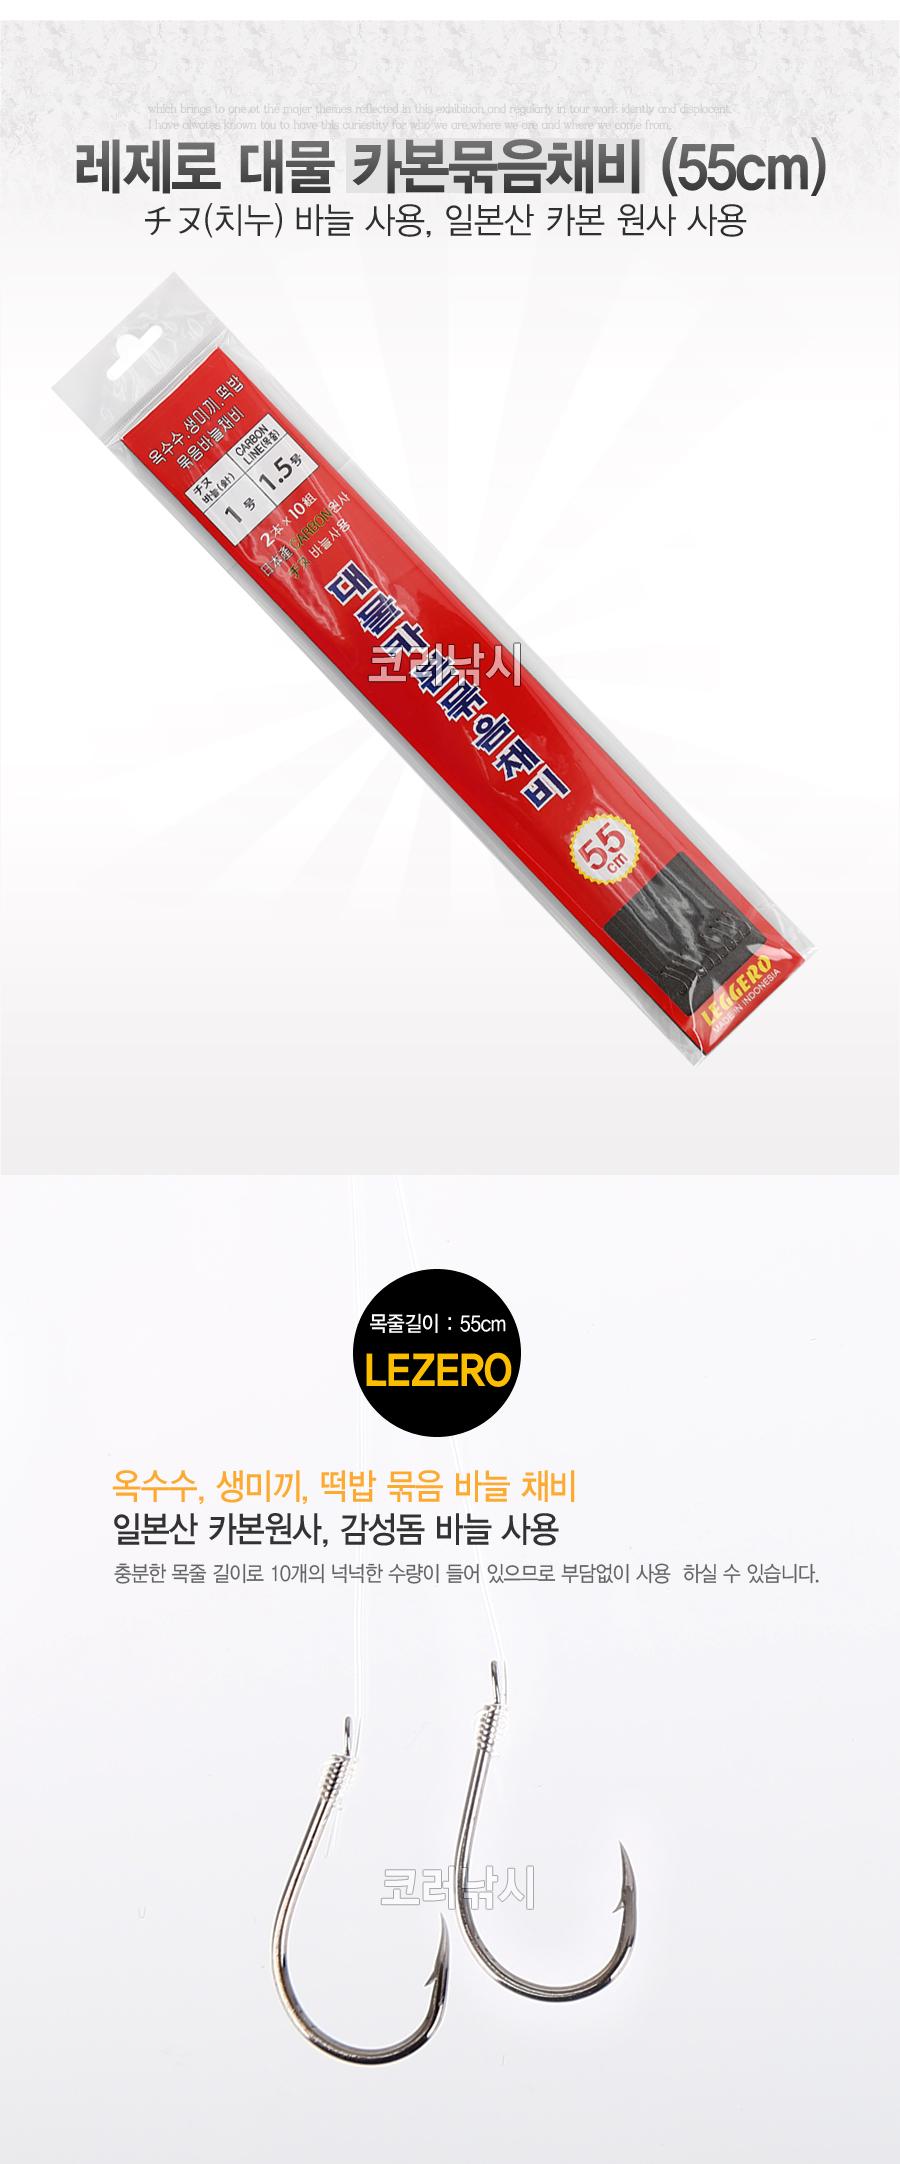 레제로 대물 카본묶음채비 55cm 옥내림 옥수수내림 카본묶음채비 대물묶음채비 묶음채비 민물채비 붕어채비